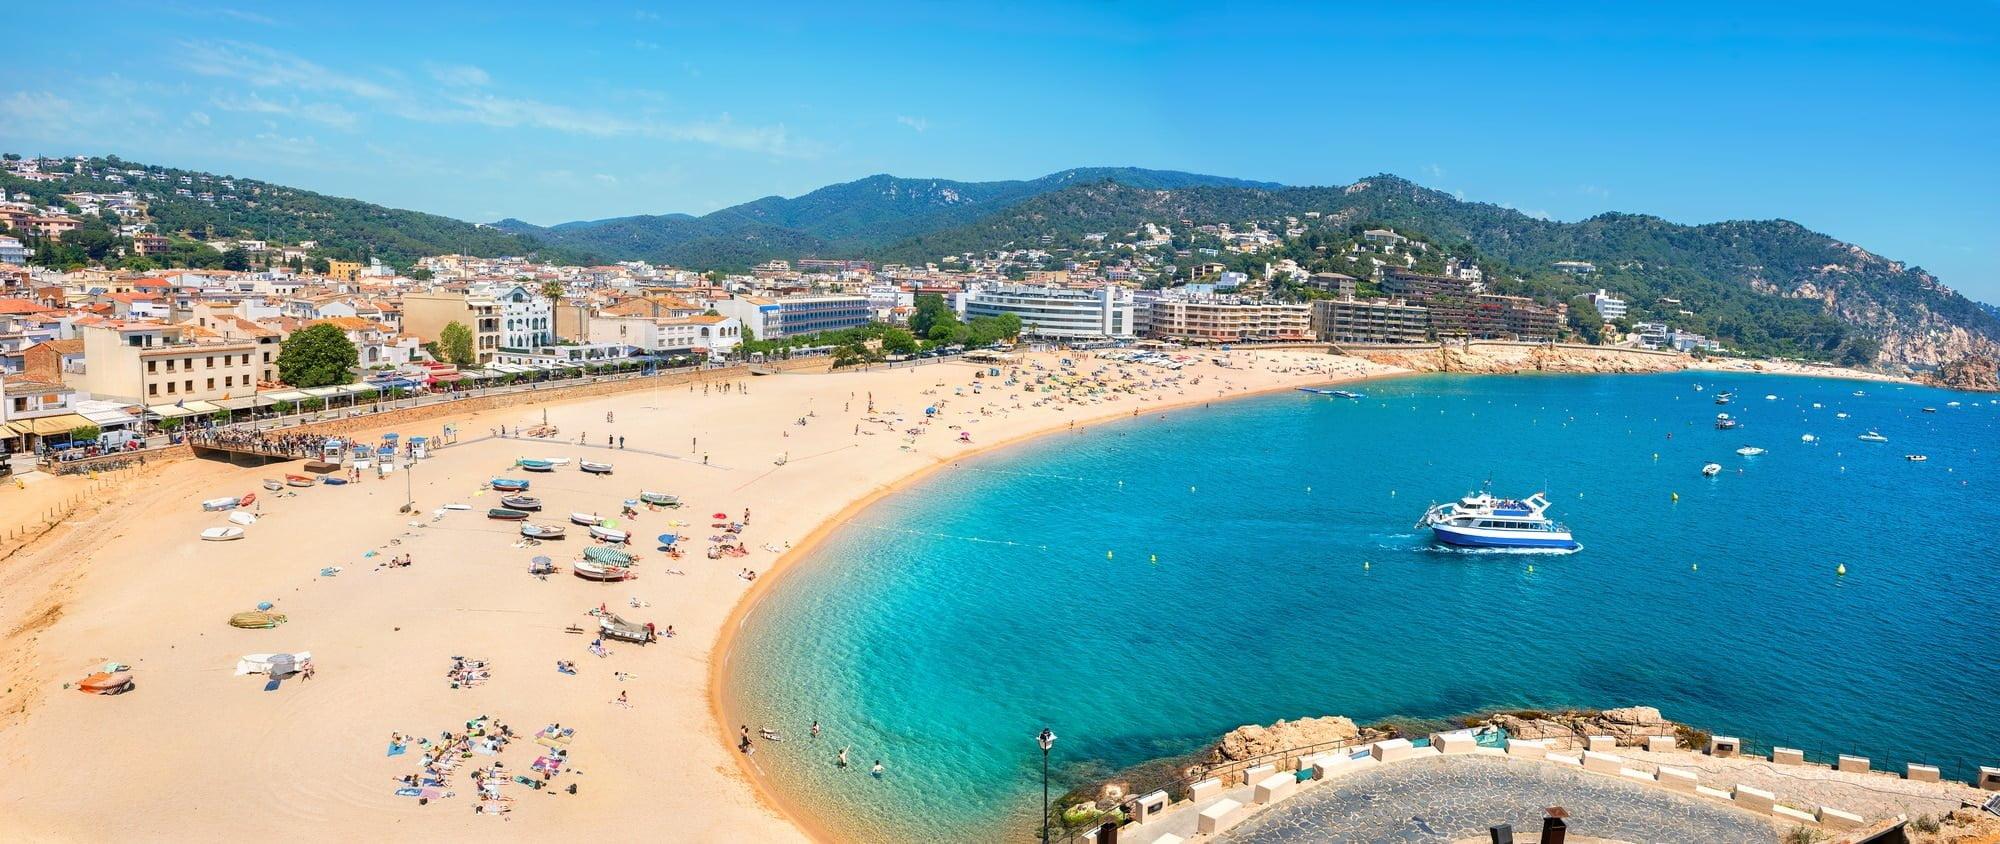 Tossa de Mar. Costa Brava, Catalonia, Spain. Vacanceselect